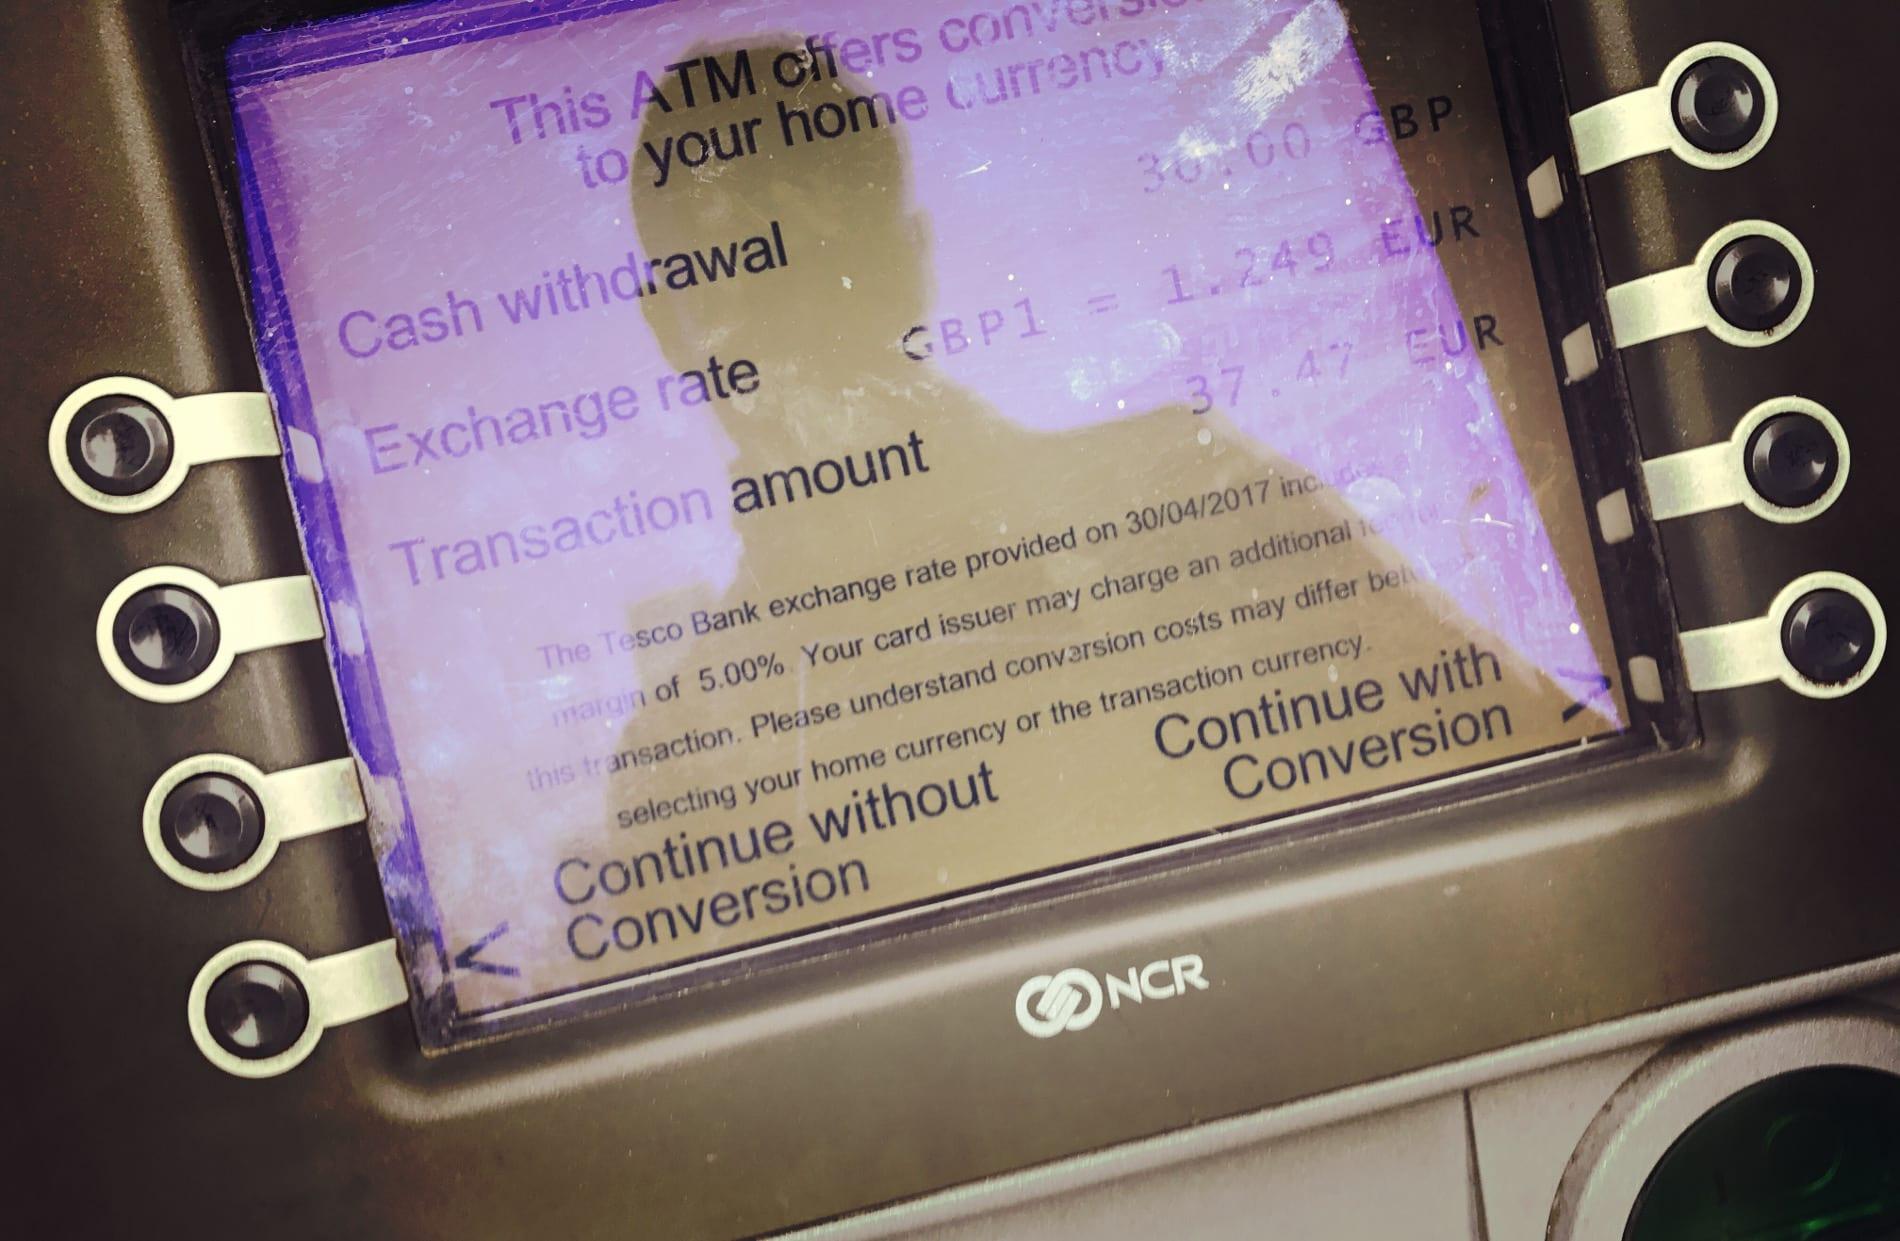 """Diese Frage kommt immer beim Geld-Abheben am Automaten in London: """"We offer conversion to your home currency"""" o.ä. - hier auf """"No"""" drücken, ansonsten fällt eine extra Gebühr i.H.v. 5% an für nichts. Der Umrechnungskurs der Deutschen Bank ist nicht schlechter, es ist also eine Scheinleistung!"""